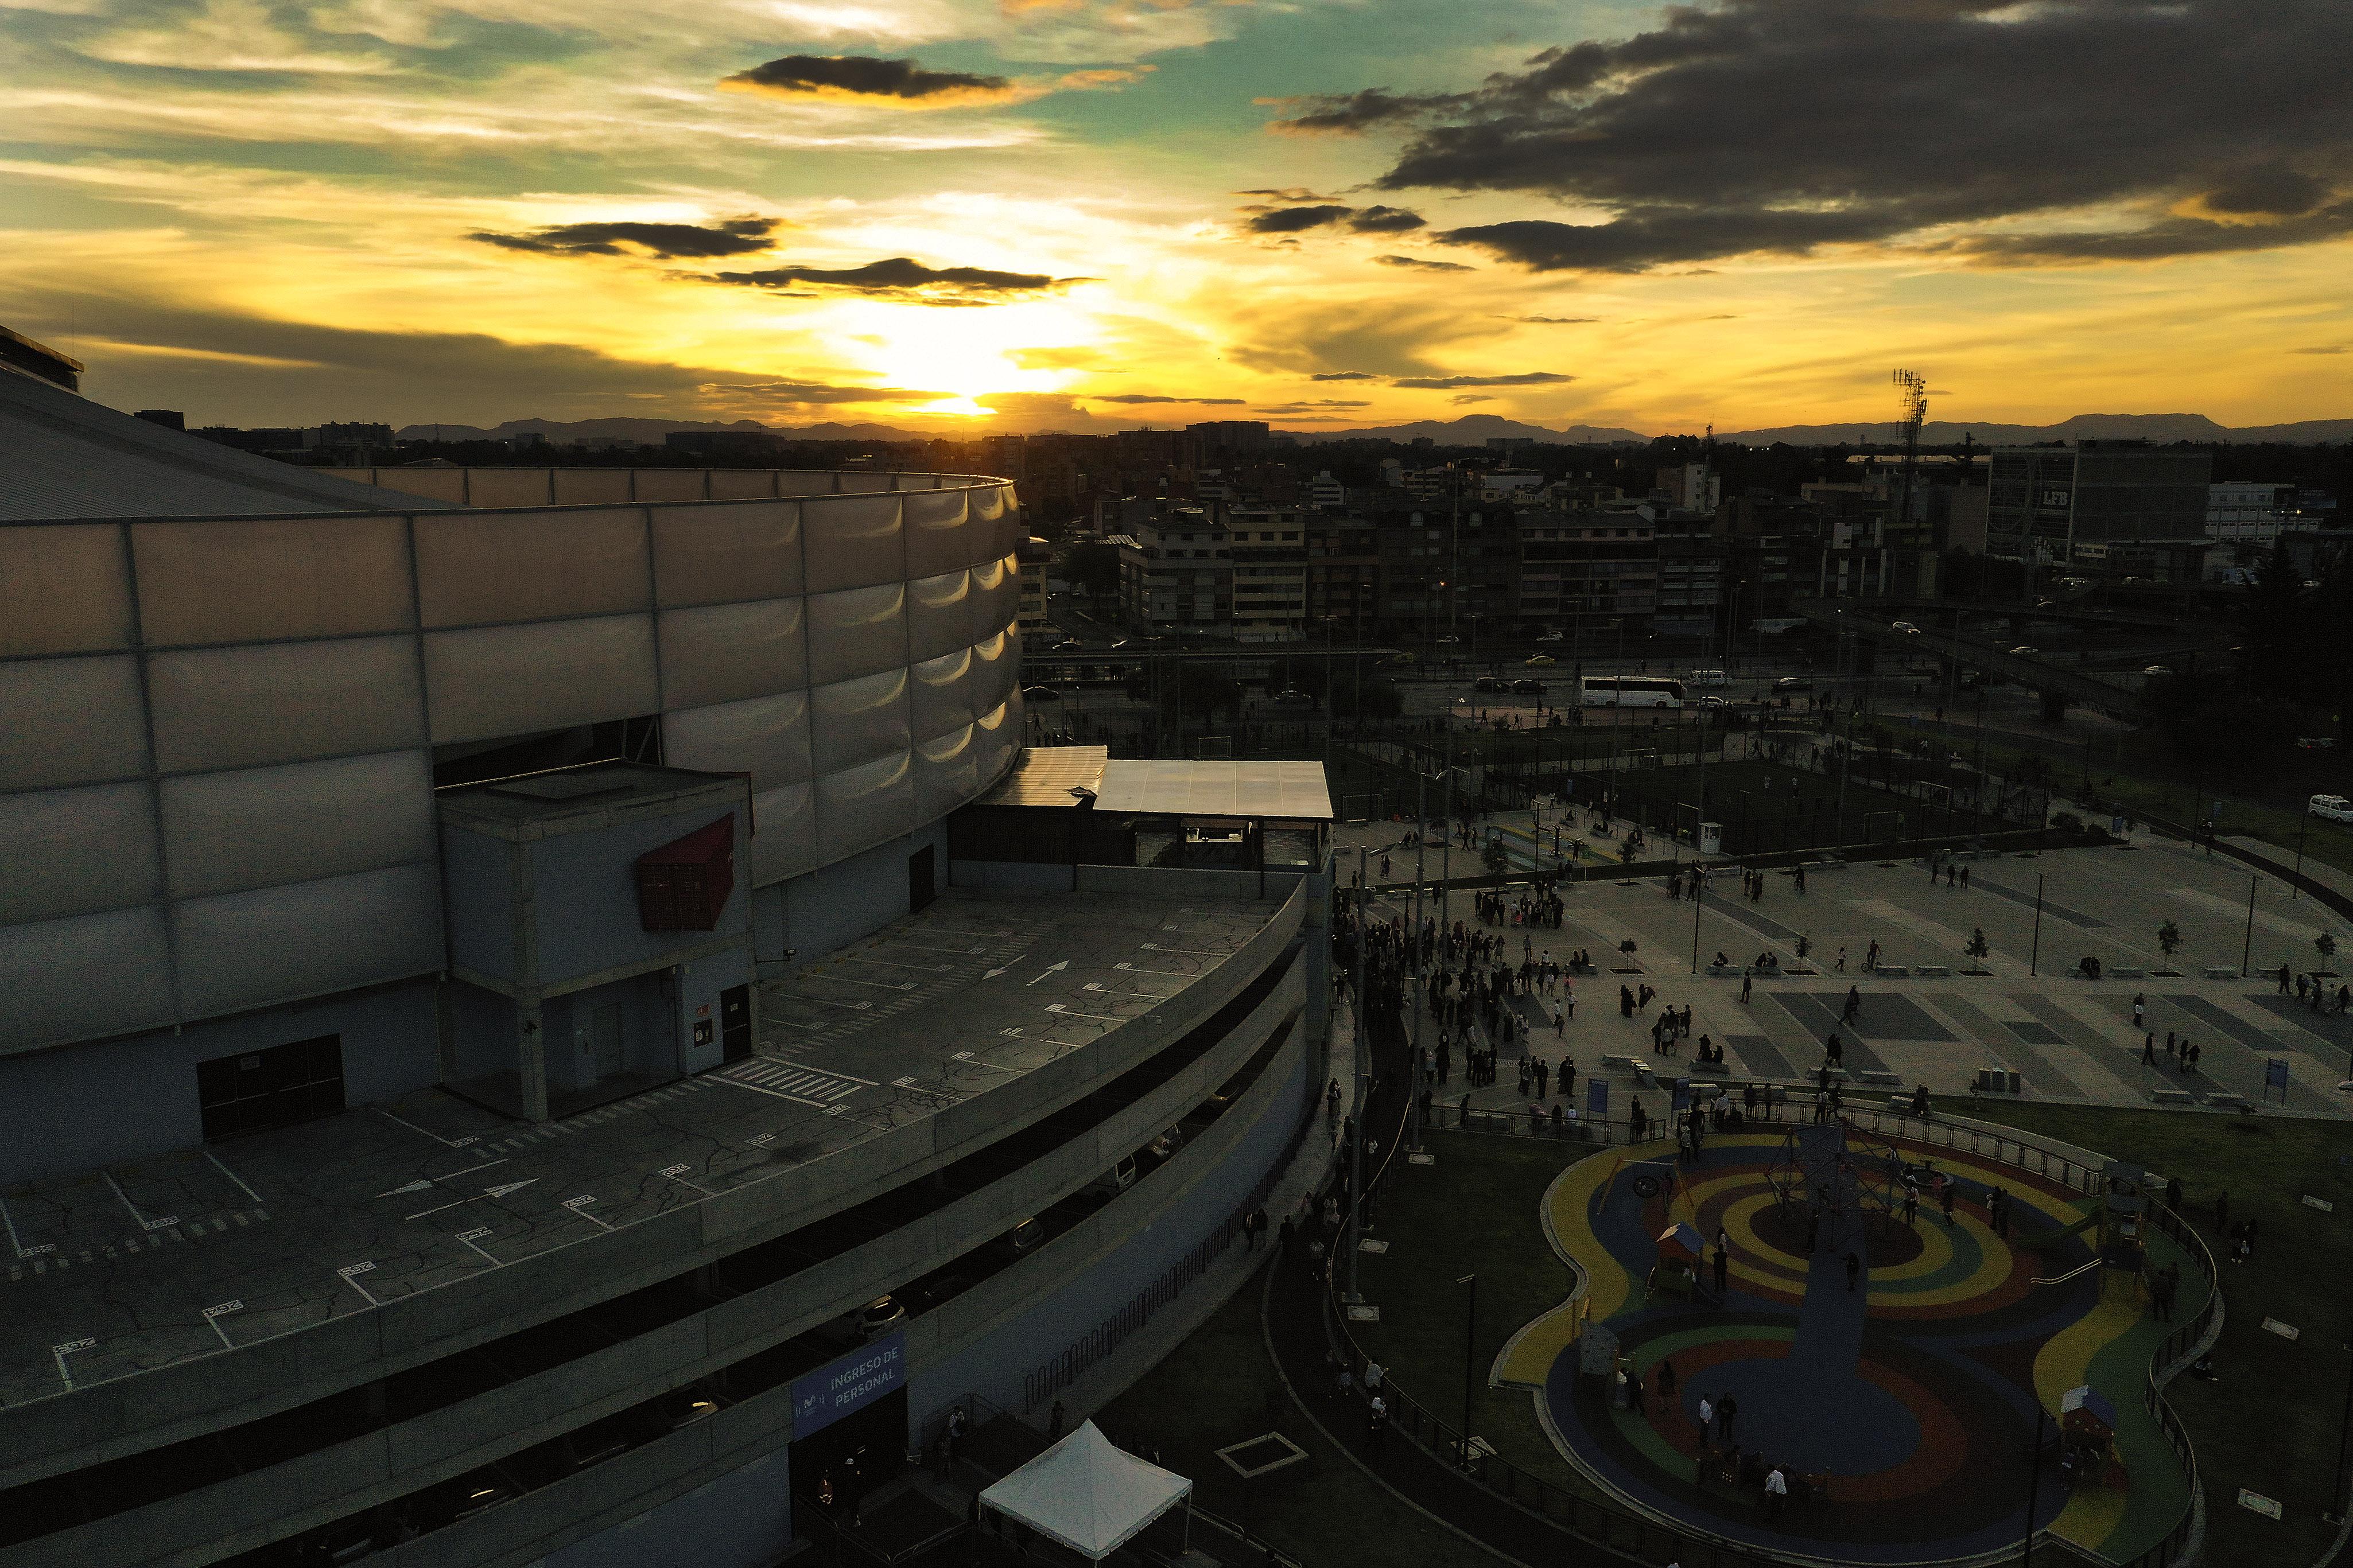 El sol se pone mientras los asistentes salen del devocional en la Arena Movistar en Bogotá, Colombia, el domingo 25 de agosto de 2019.